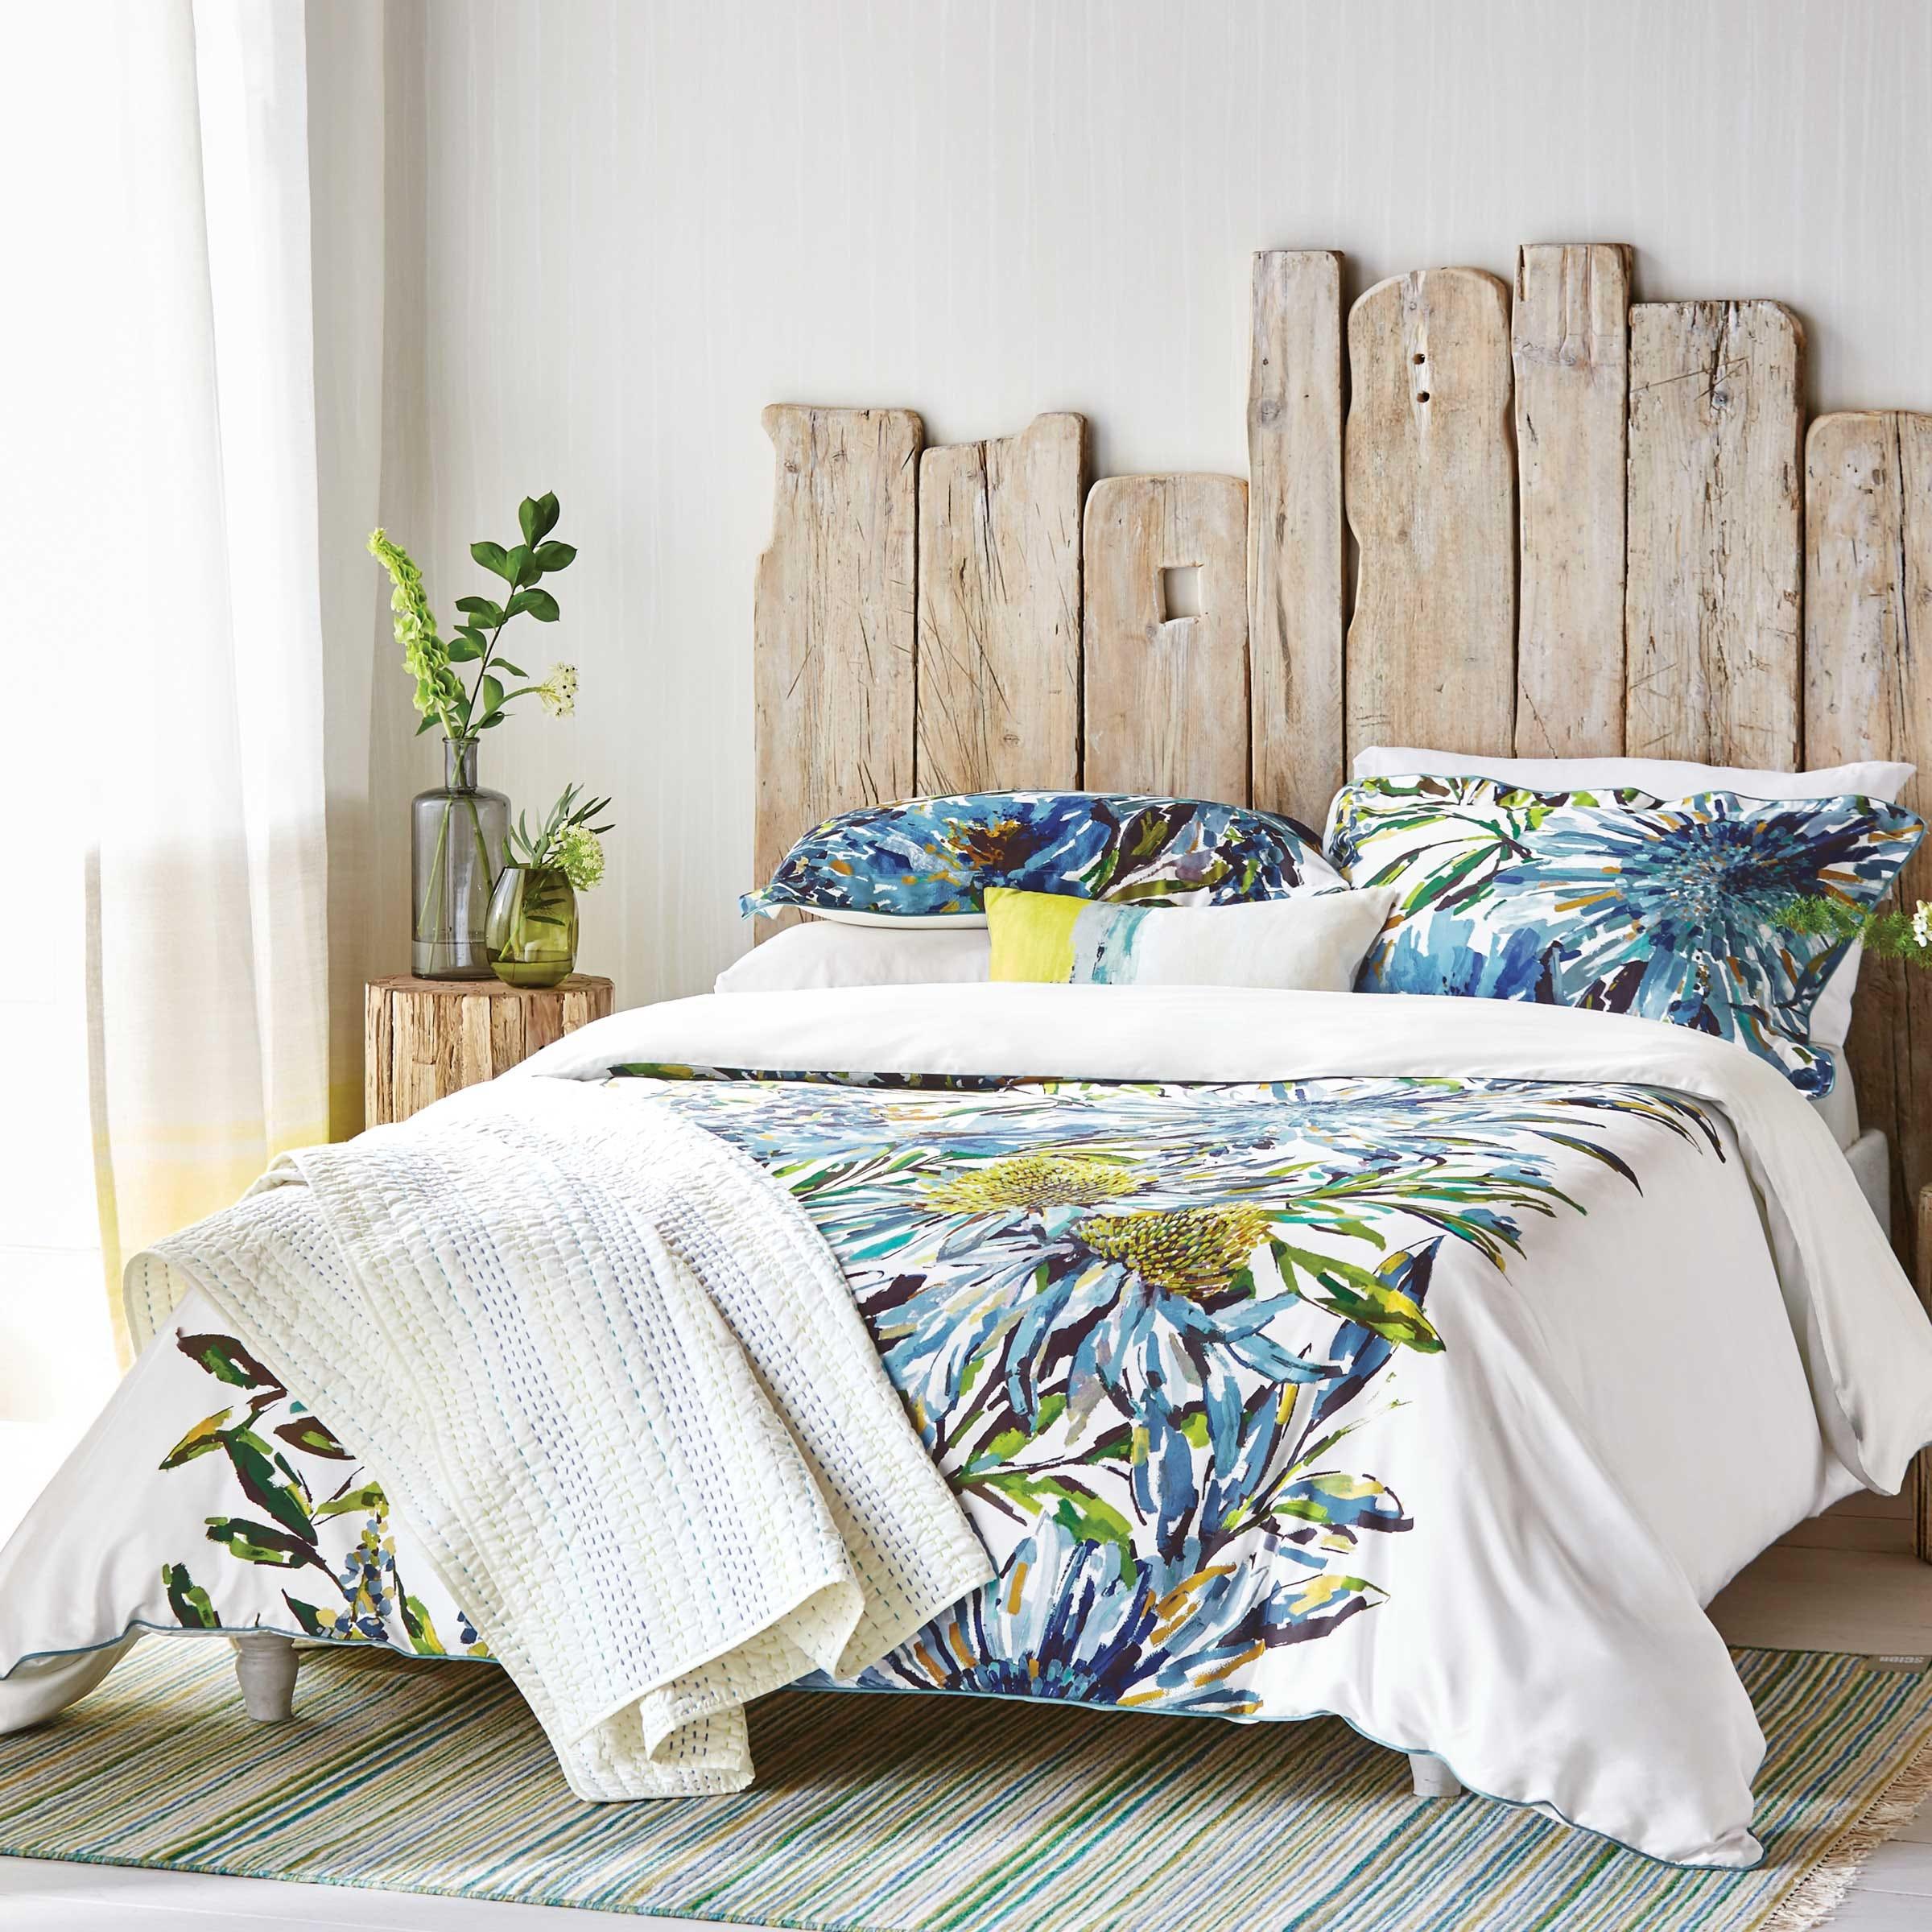 Harlequin Bedding Floreale Kingsize Duvet Cover ocean